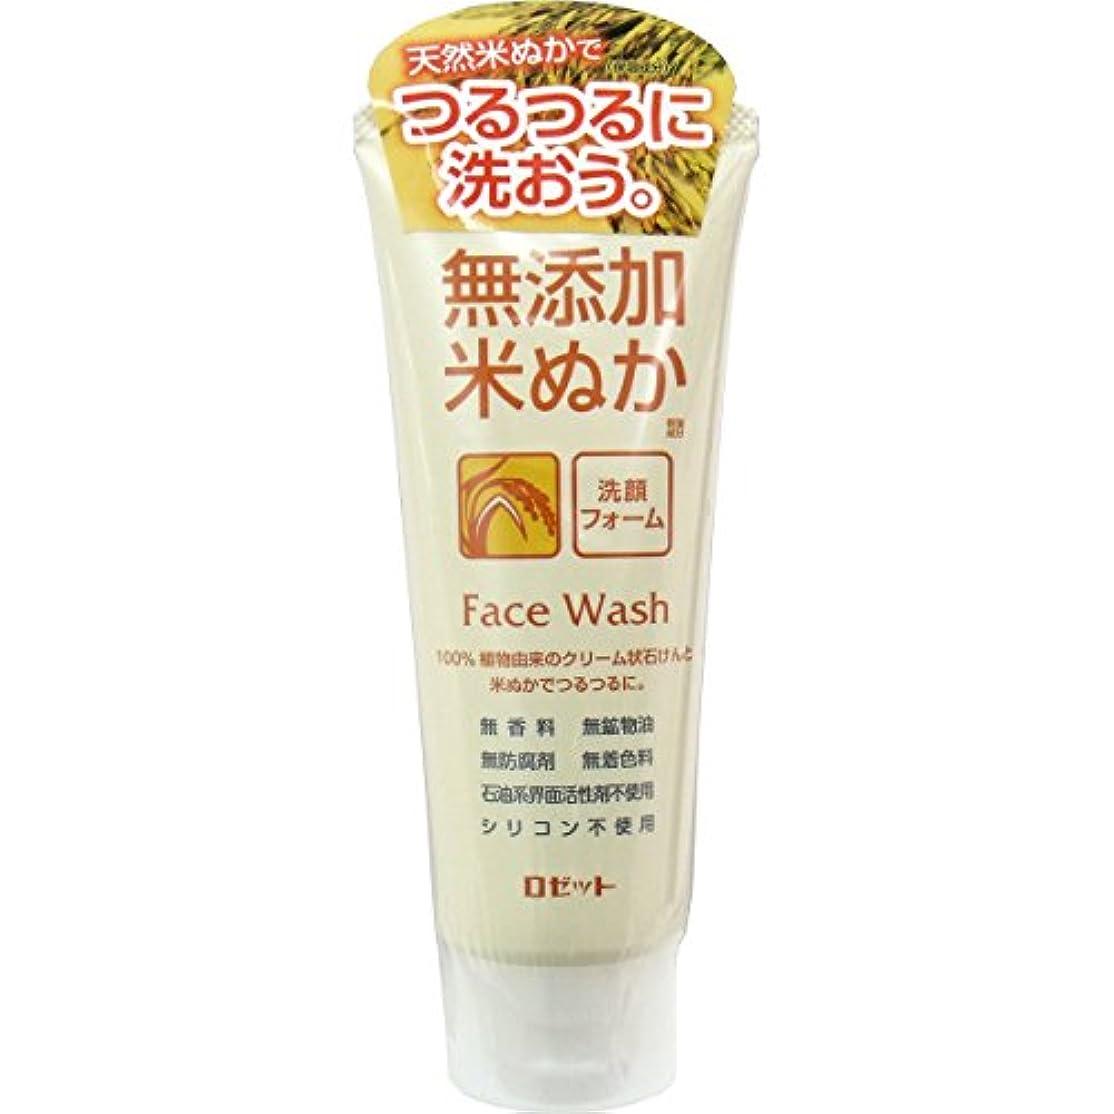 ヘッジコーデリアうぬぼれた【ロゼット】無添加米ぬか洗顔フォーム 140g ×20個セット